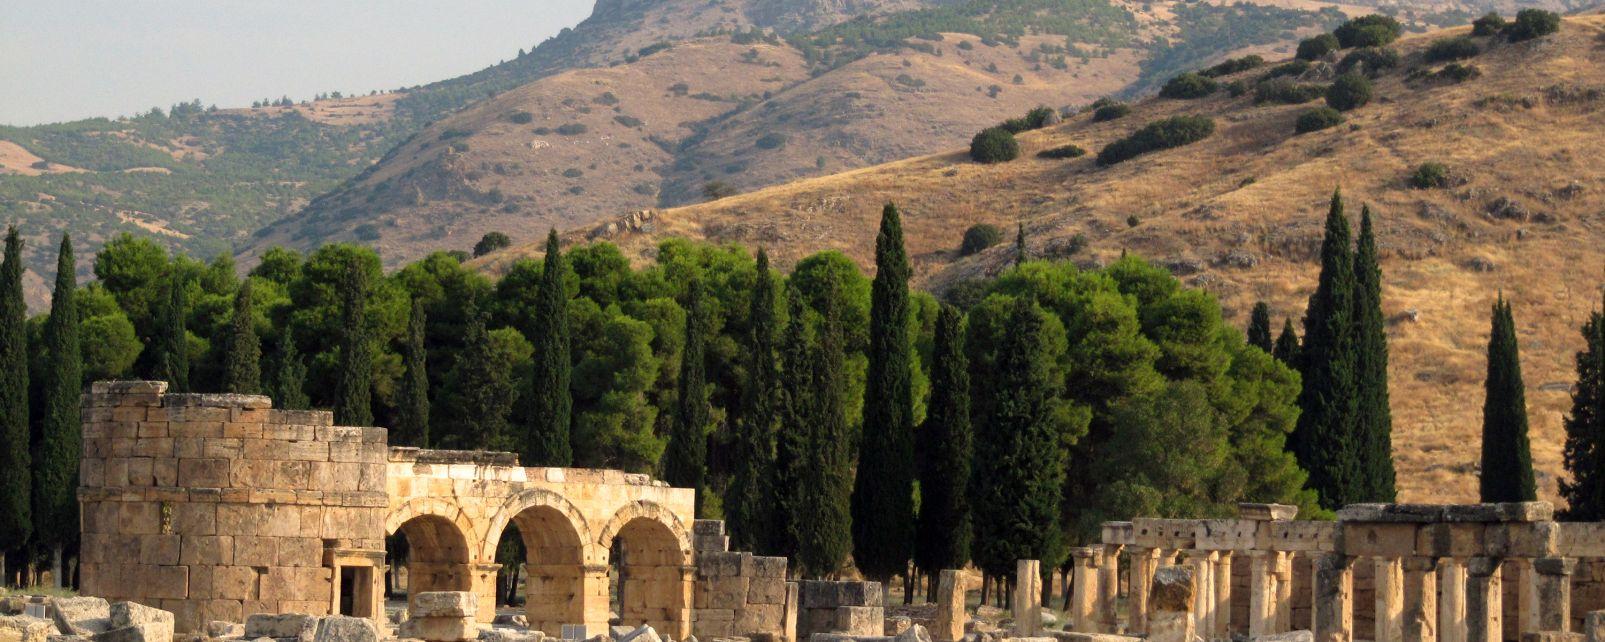 , Le mont Olympe, Les paysages, Région d'Antalya